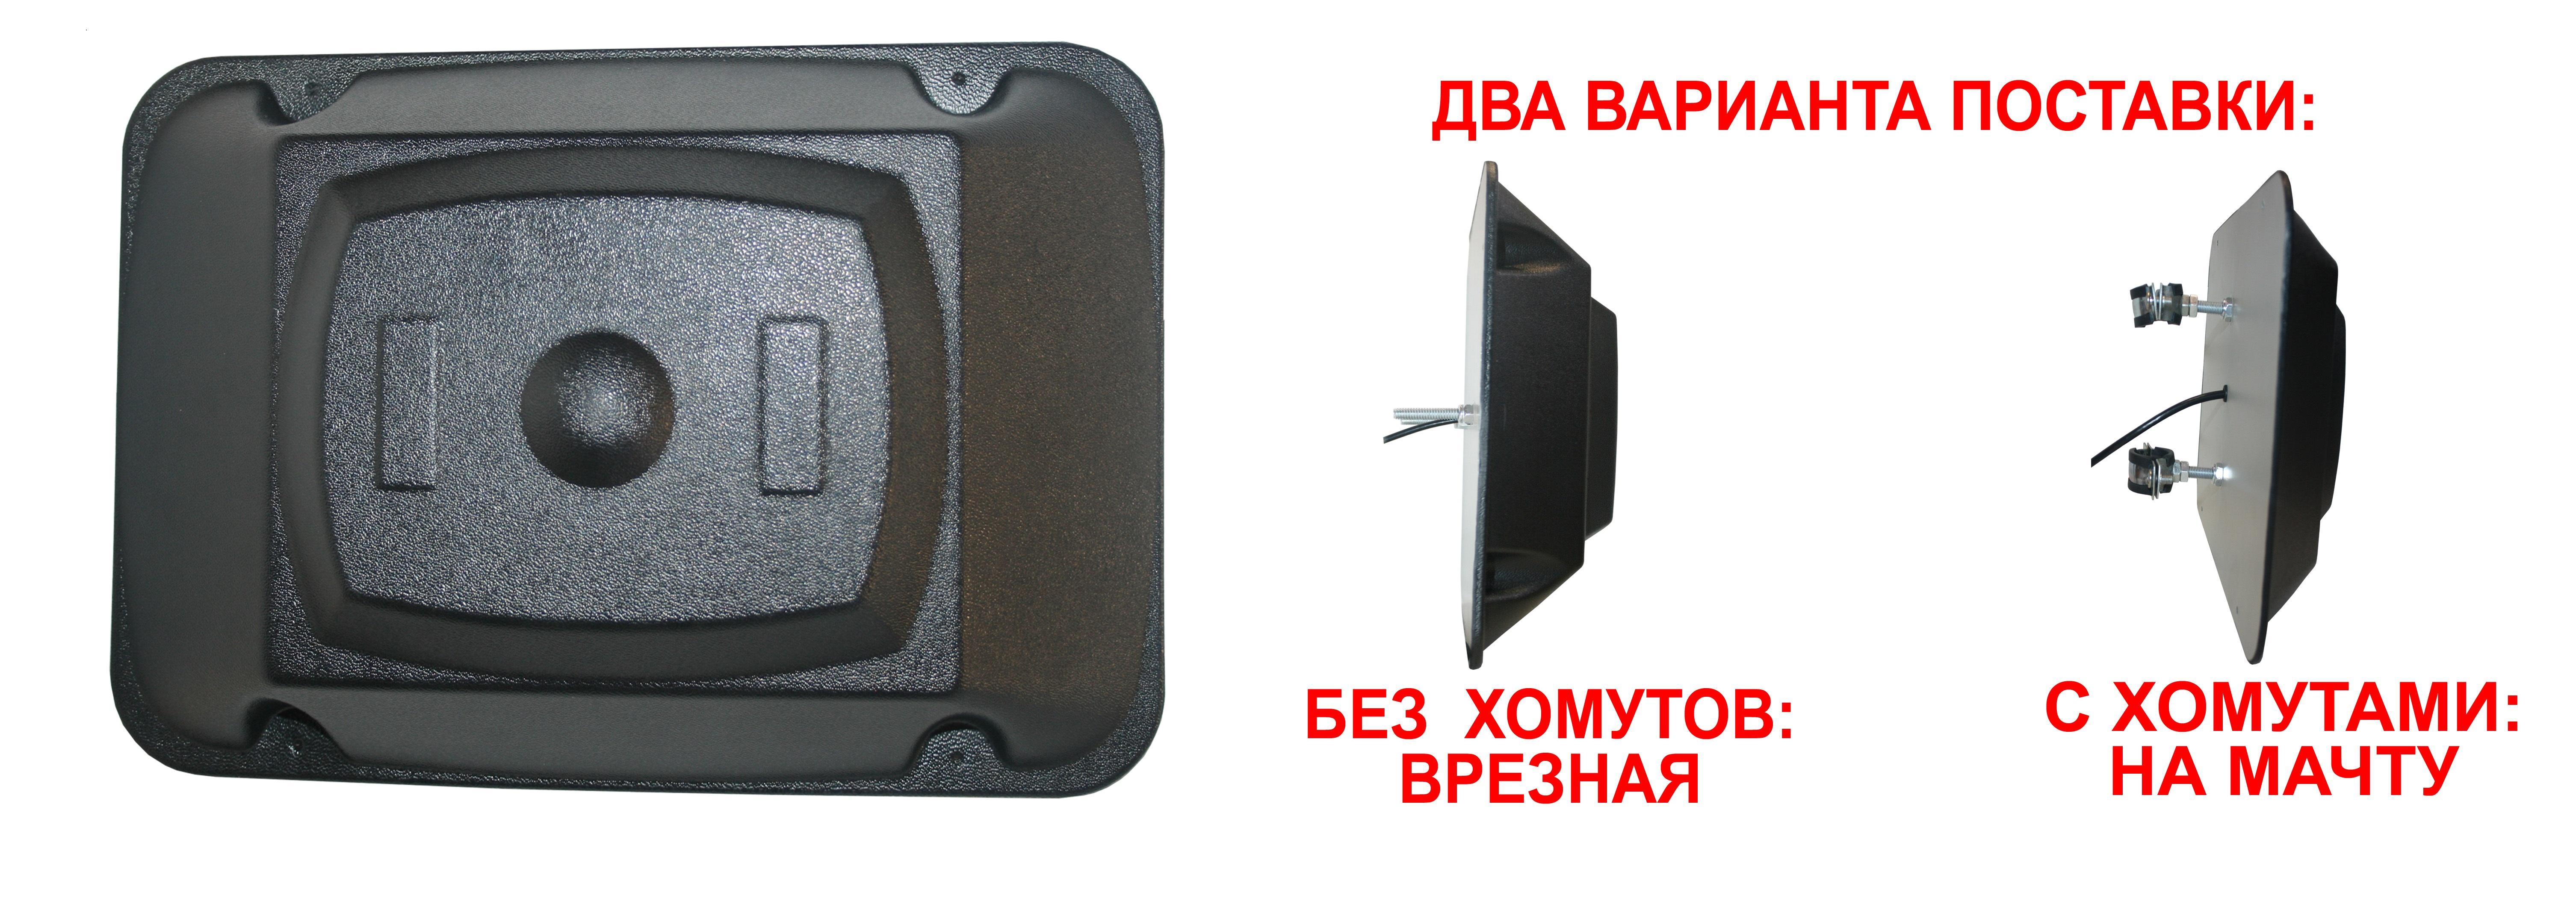 В антенне Т-26260 внутри находятся две антенны. Так что это не антенна, а приемный комплекс стандарта МИМО.